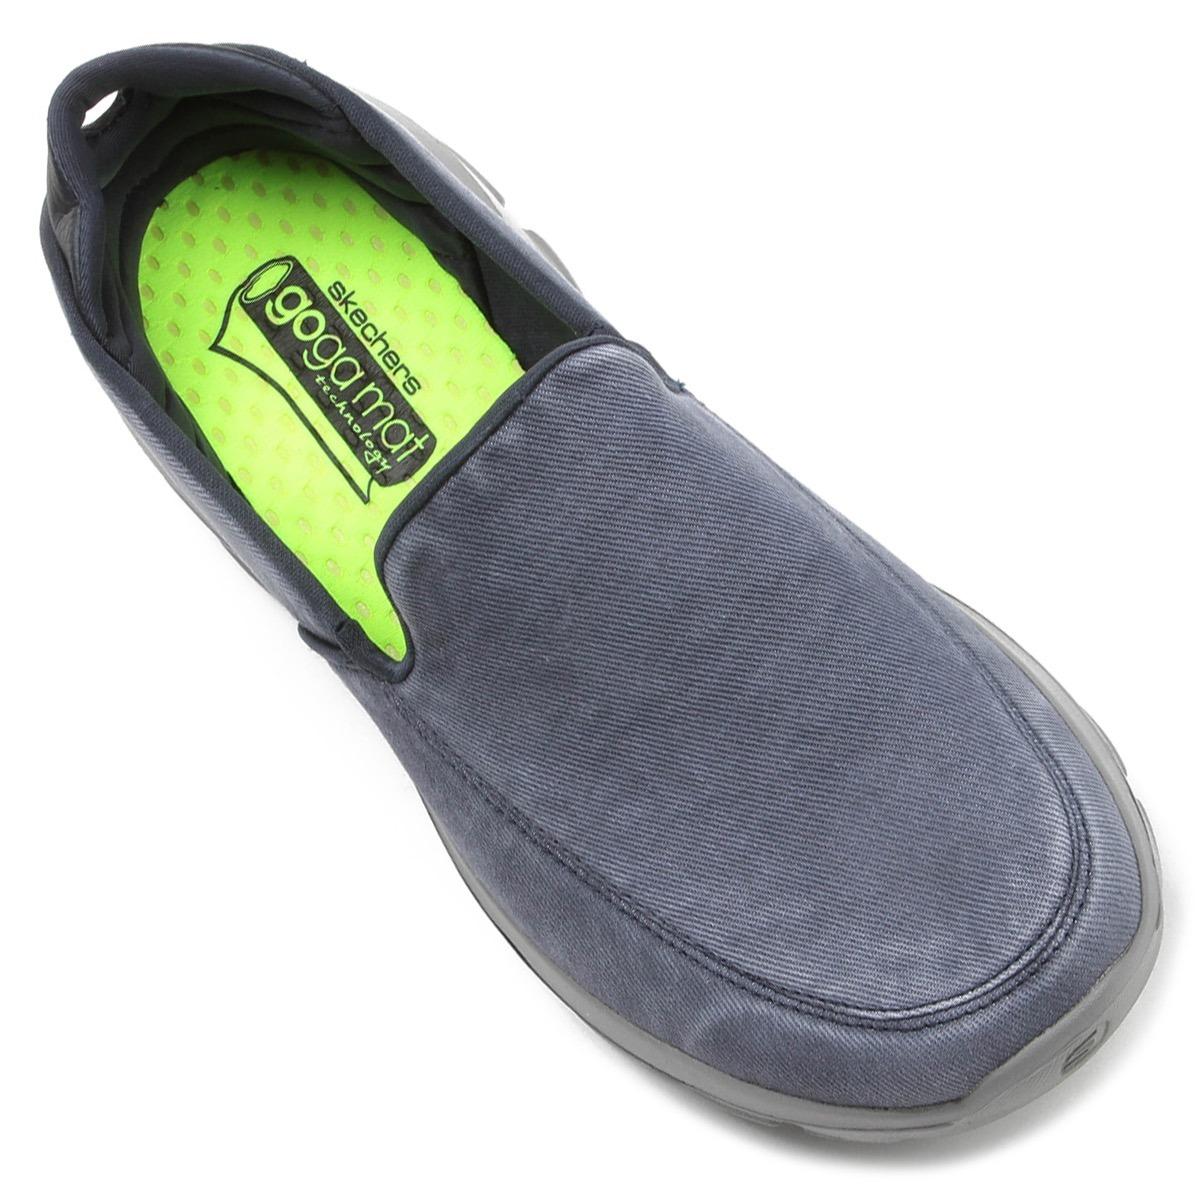 119a125c3 tênis skechers go walk 3 unwind masculino caminhada azul. Carregando zoom.